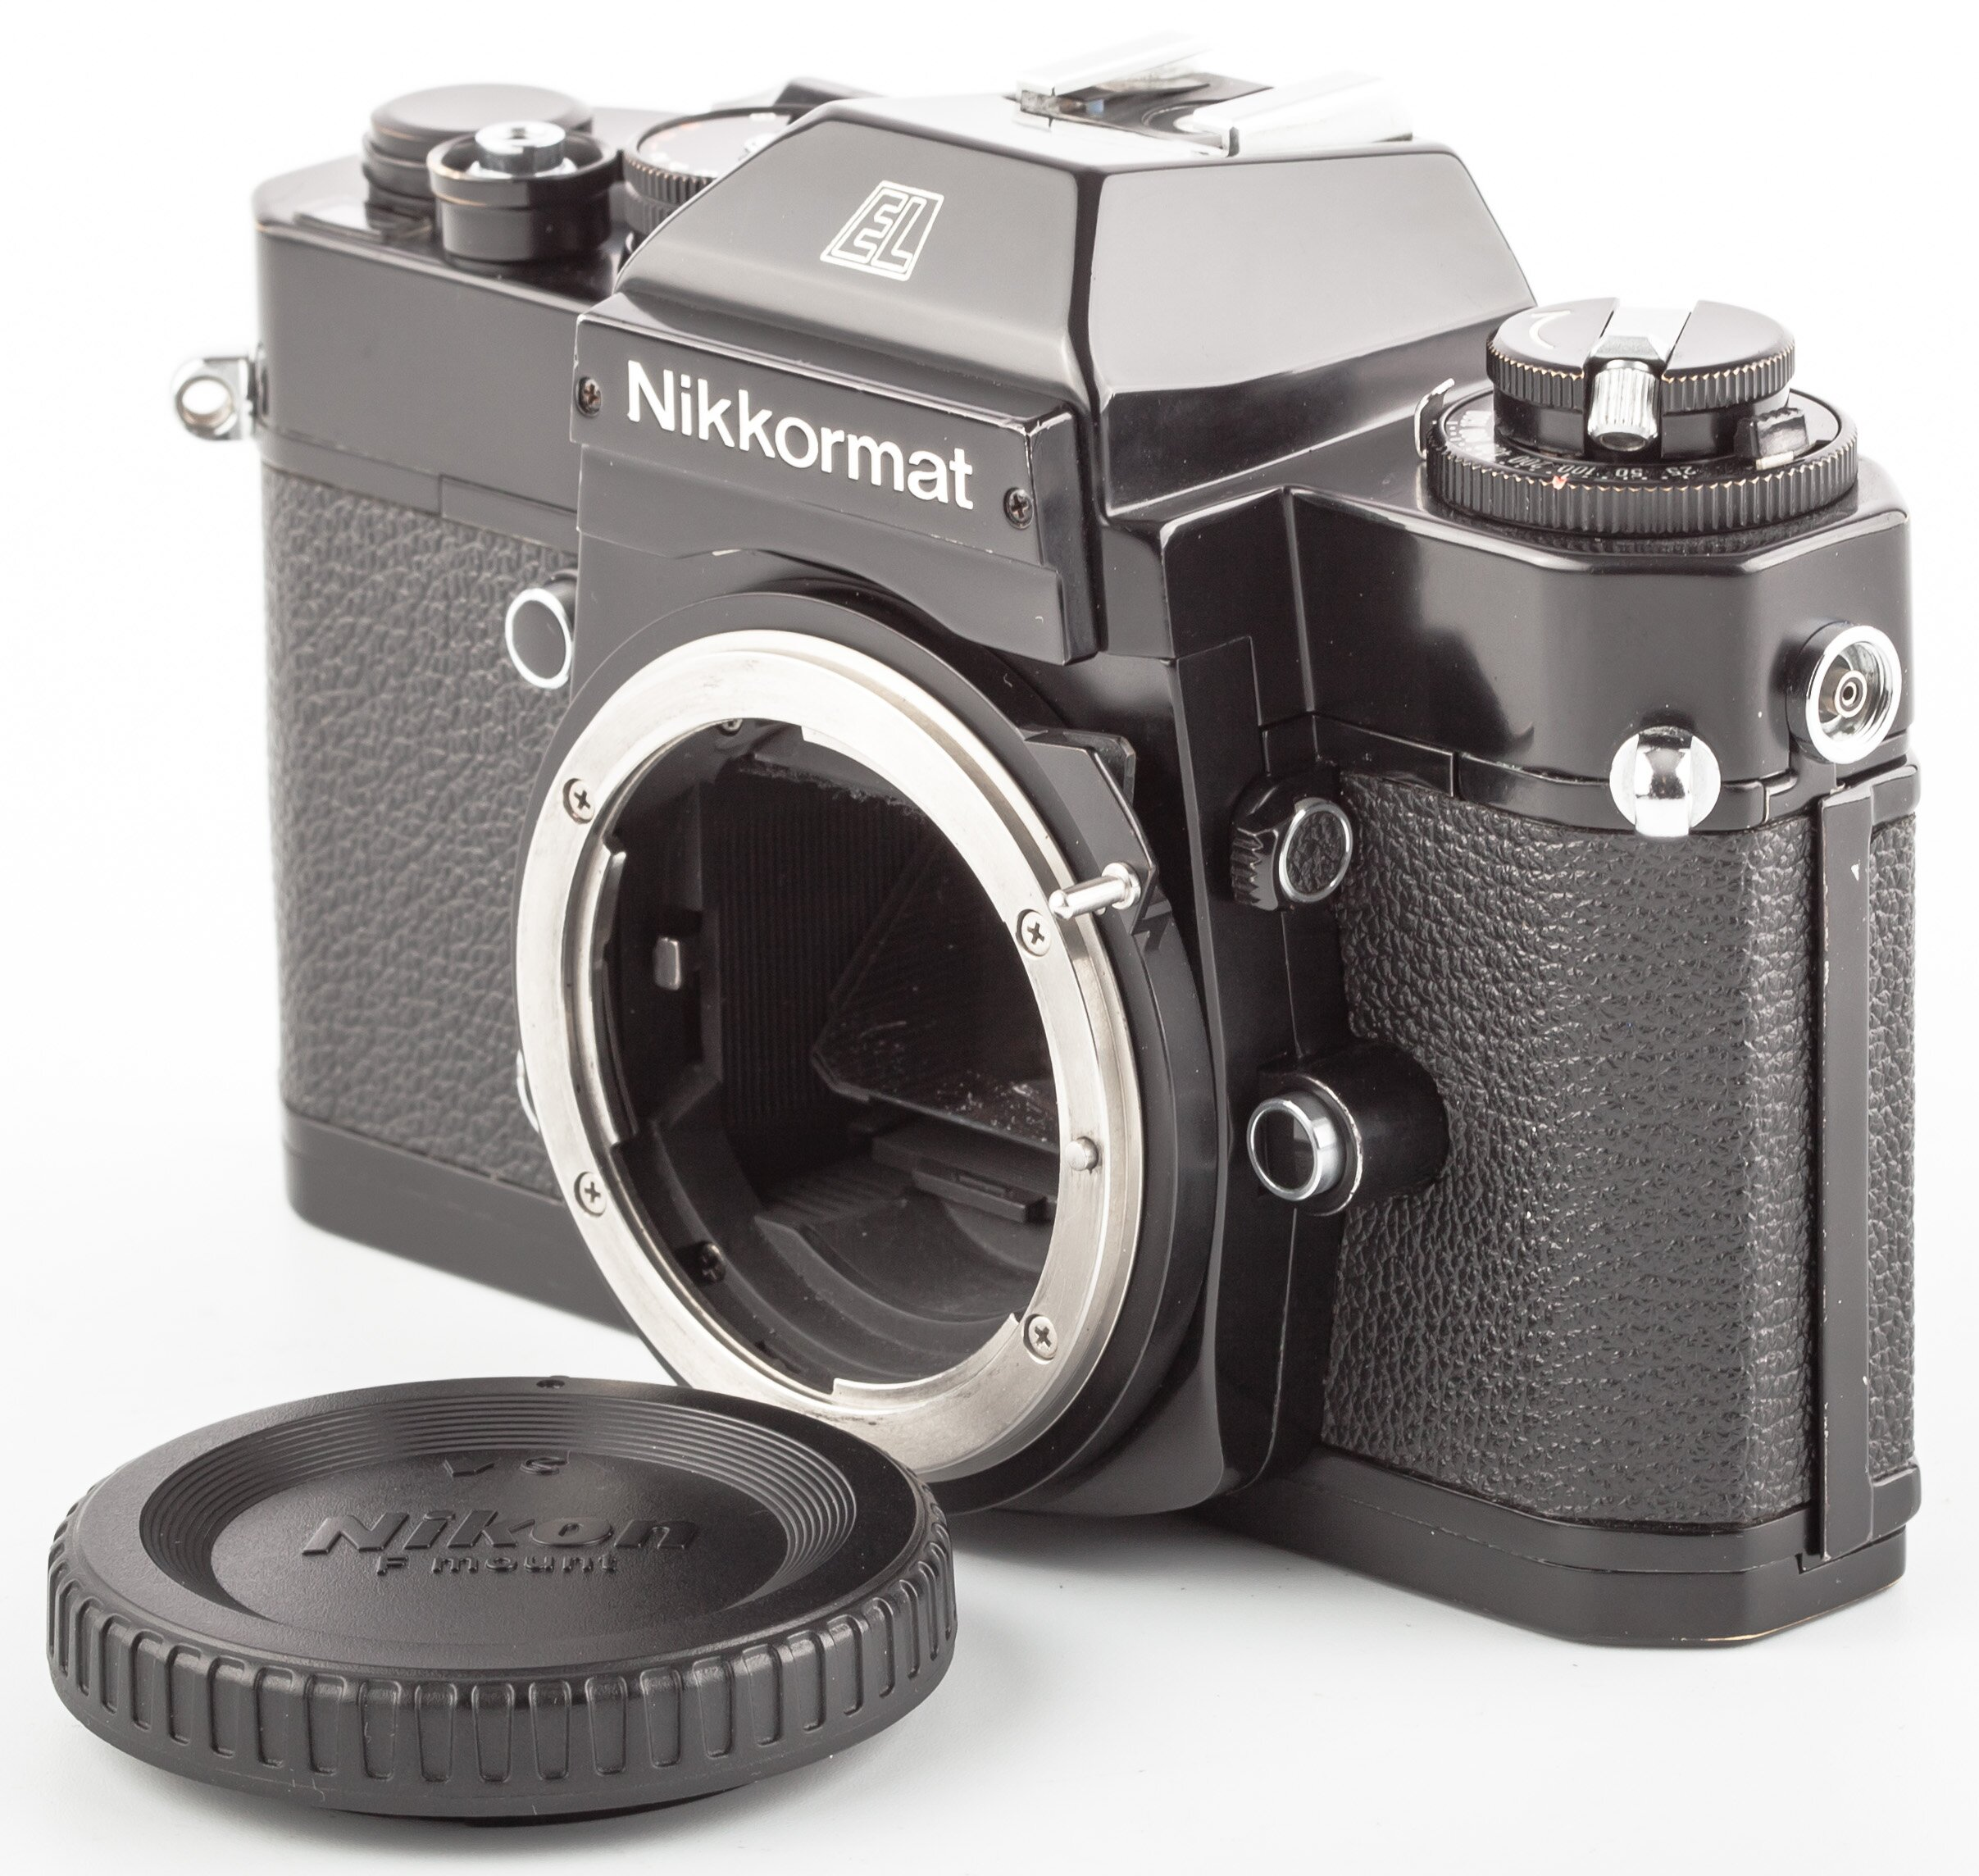 Nikon Nikkormat EL schwarz Gehäuse